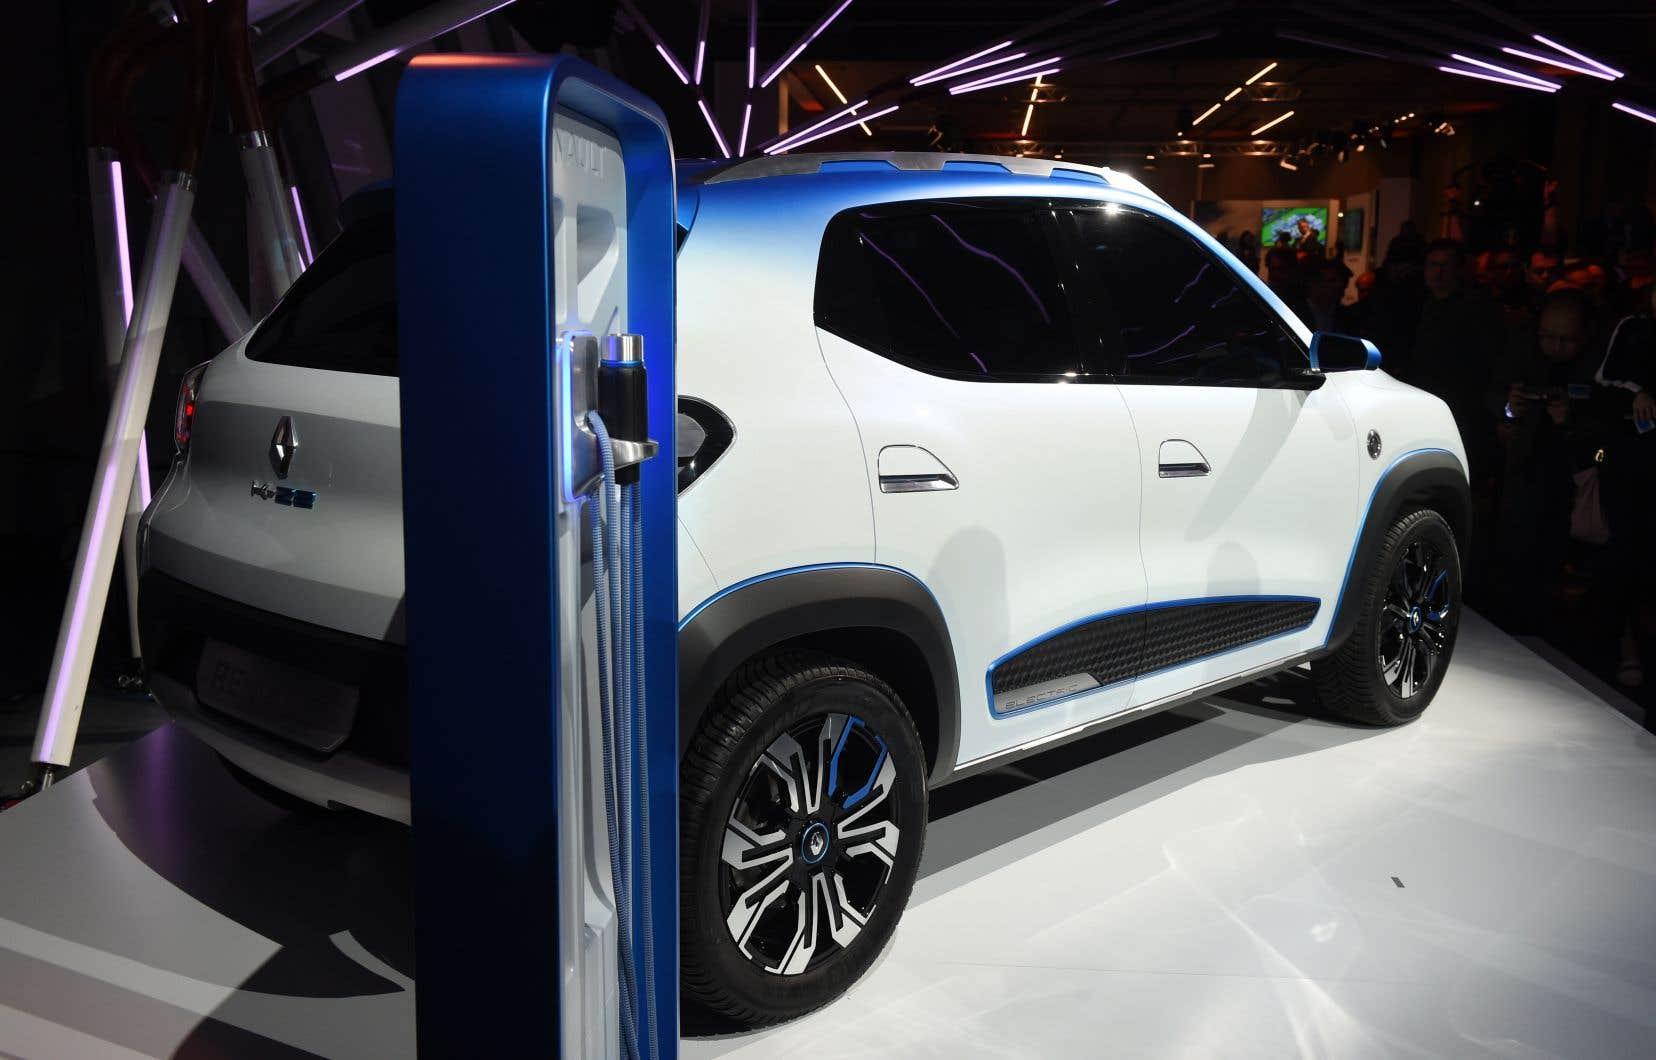 La révolution électrique impose aux constructeurs automobiles des investissements colossaux. Ici, une Renault électrique destinée au marché chinois est présentée au Salon de l'automobile de Paris.